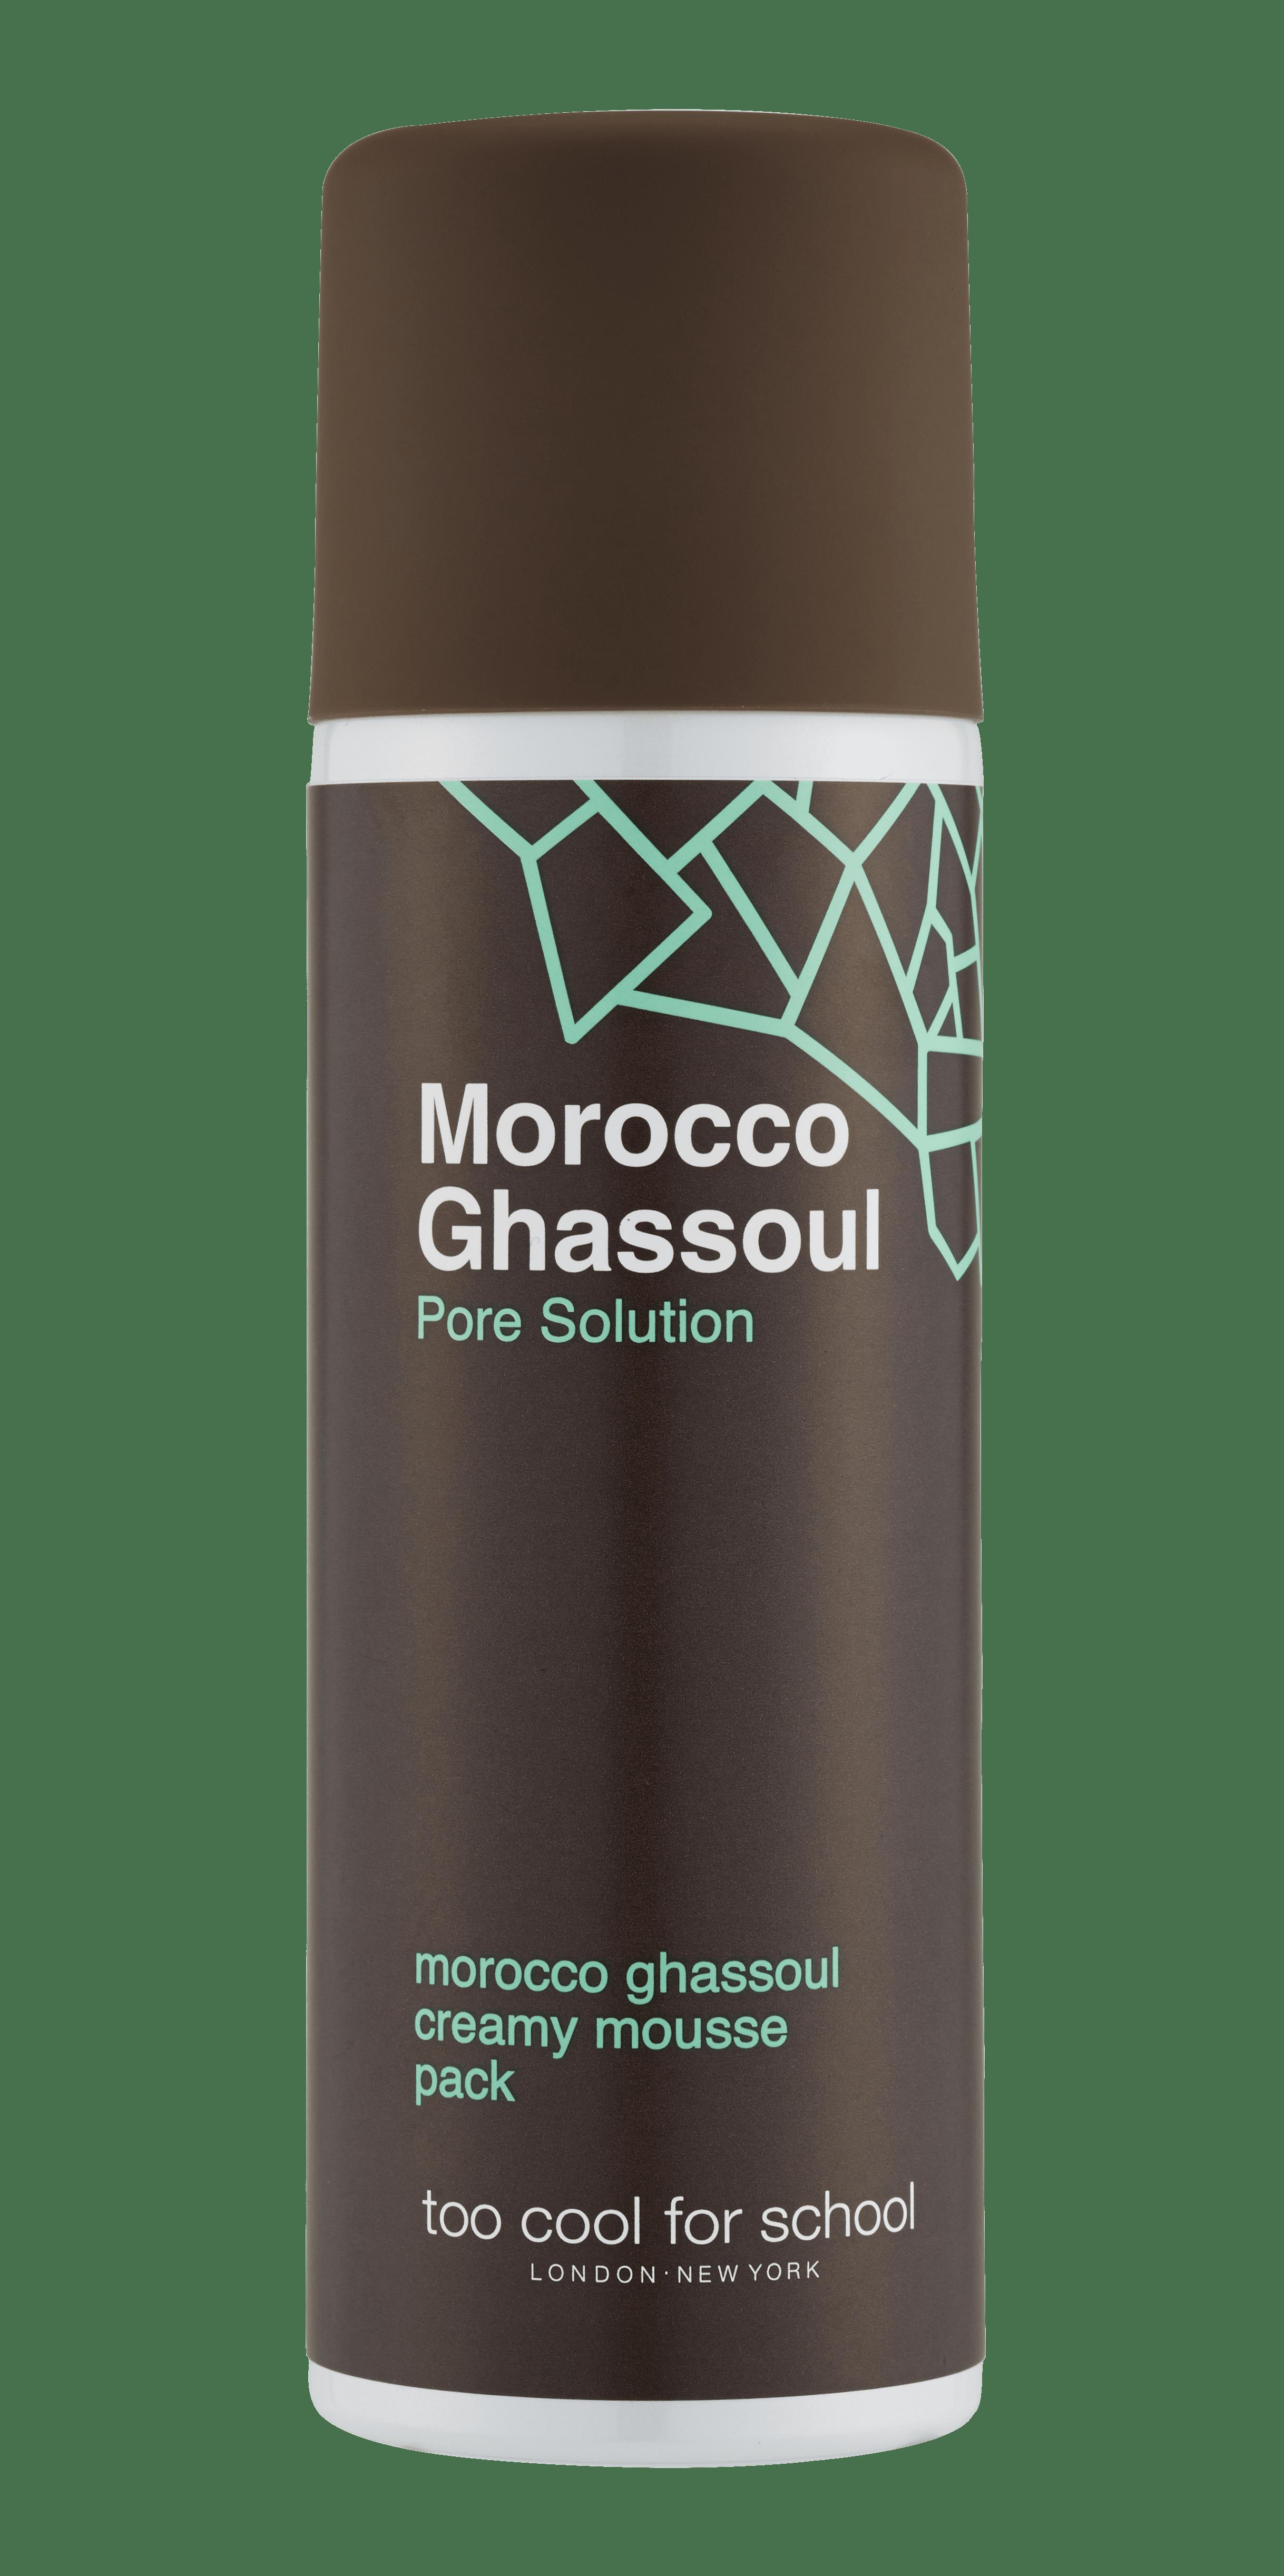 Pumpkin e Morocco Ghassoul Creamy Mousse Pack: una mousse in crema che purifica i pori in profondità